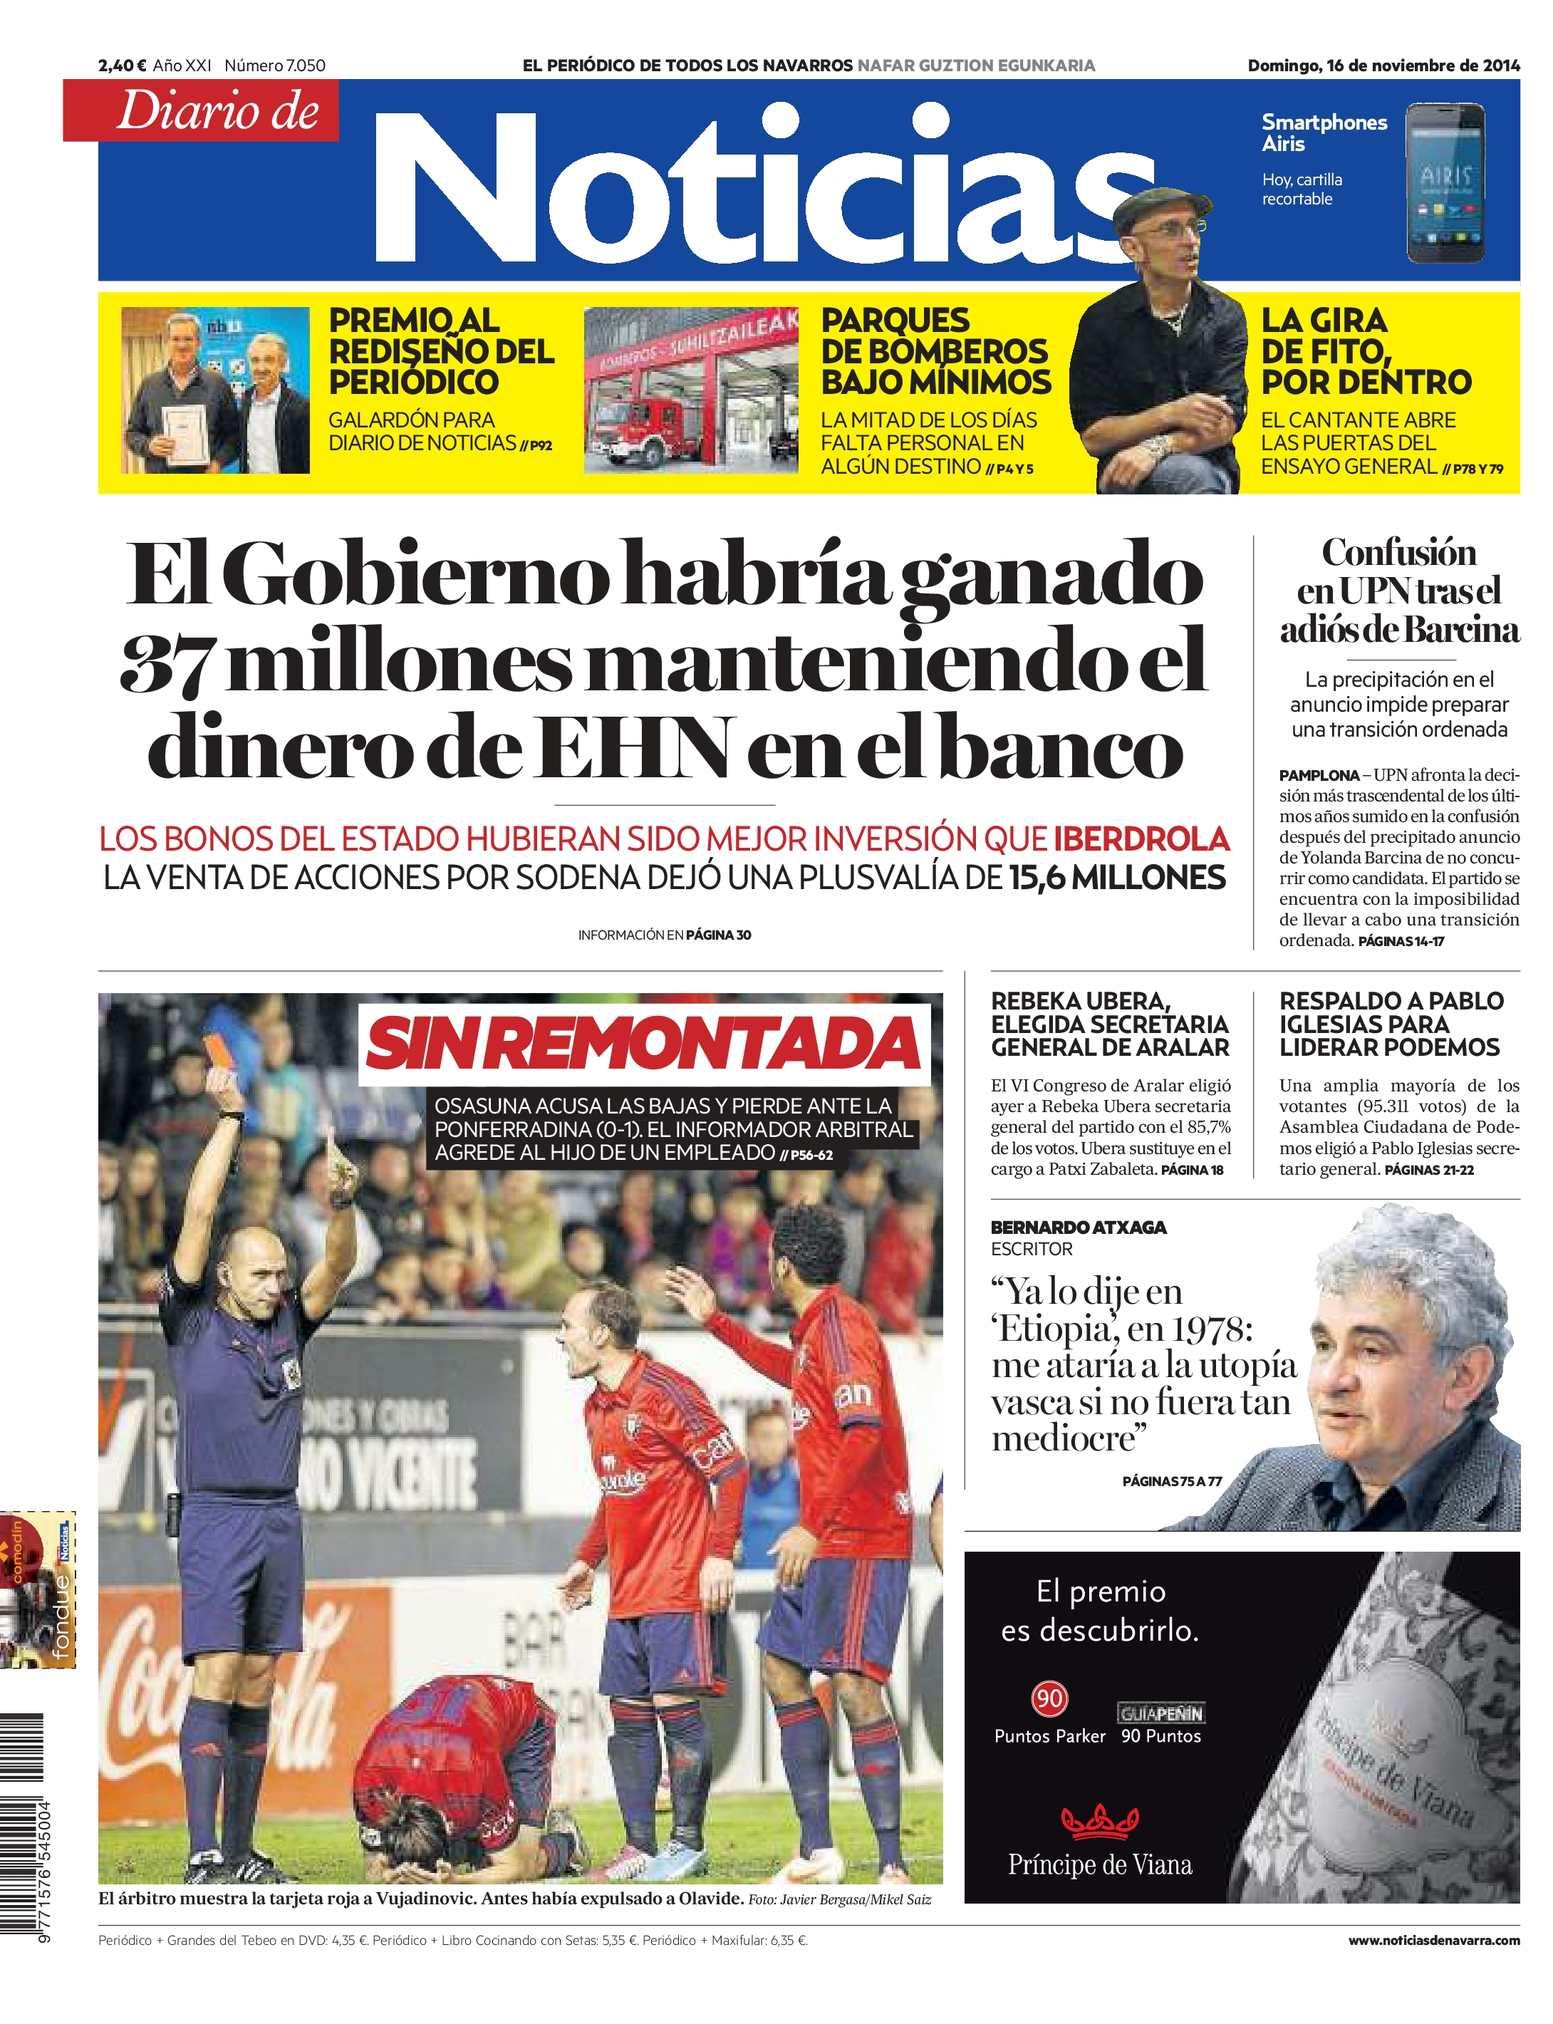 9941c89d1792f Calaméo - Diario de Noticias 20141116